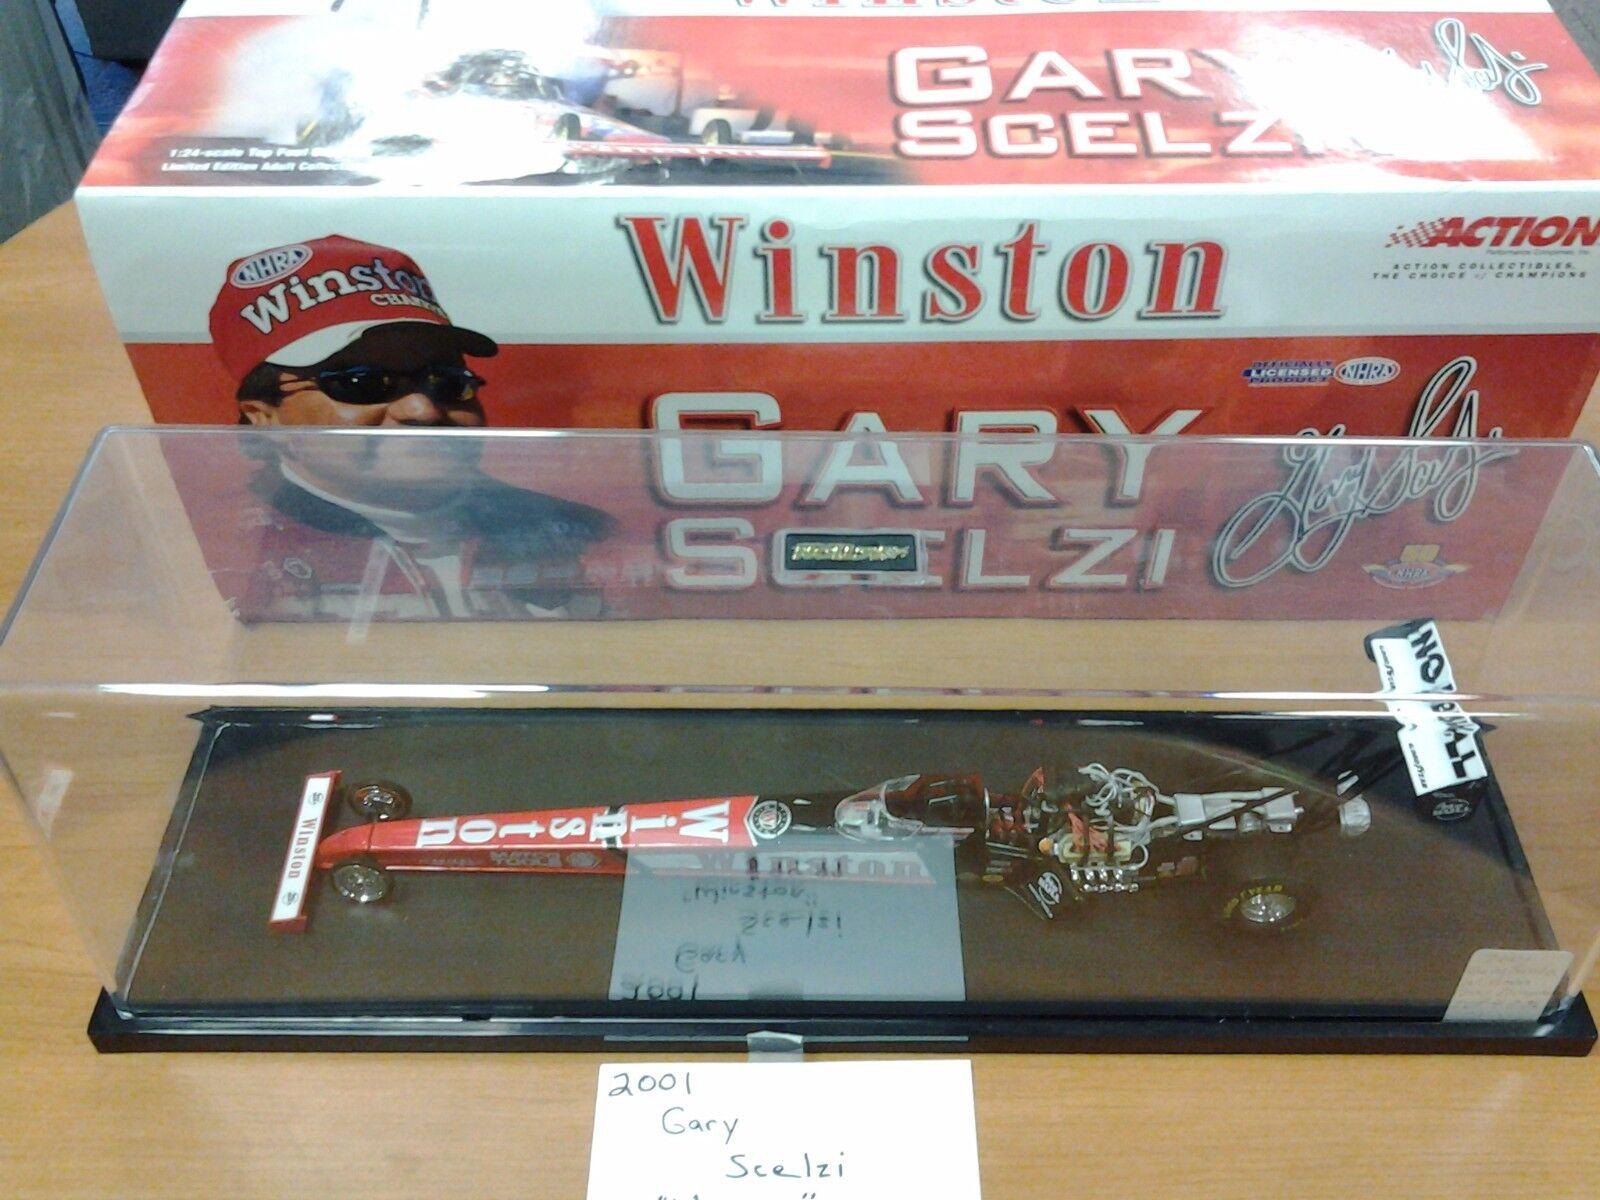 Gary Scelzi 2001 Winston Asociación Nacional de Hot Rod acción 1 24 Nuevo en Caja 1 de 4,236 in Vitrina arrastrar